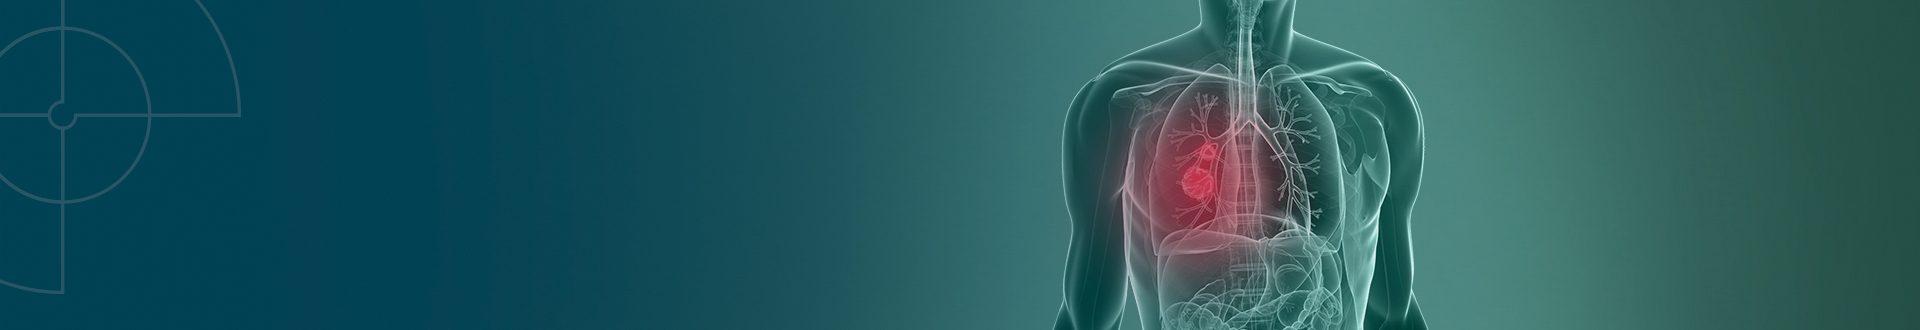 O câncer de pulmão é responsável por cerca de 28 mil casos novos por ano